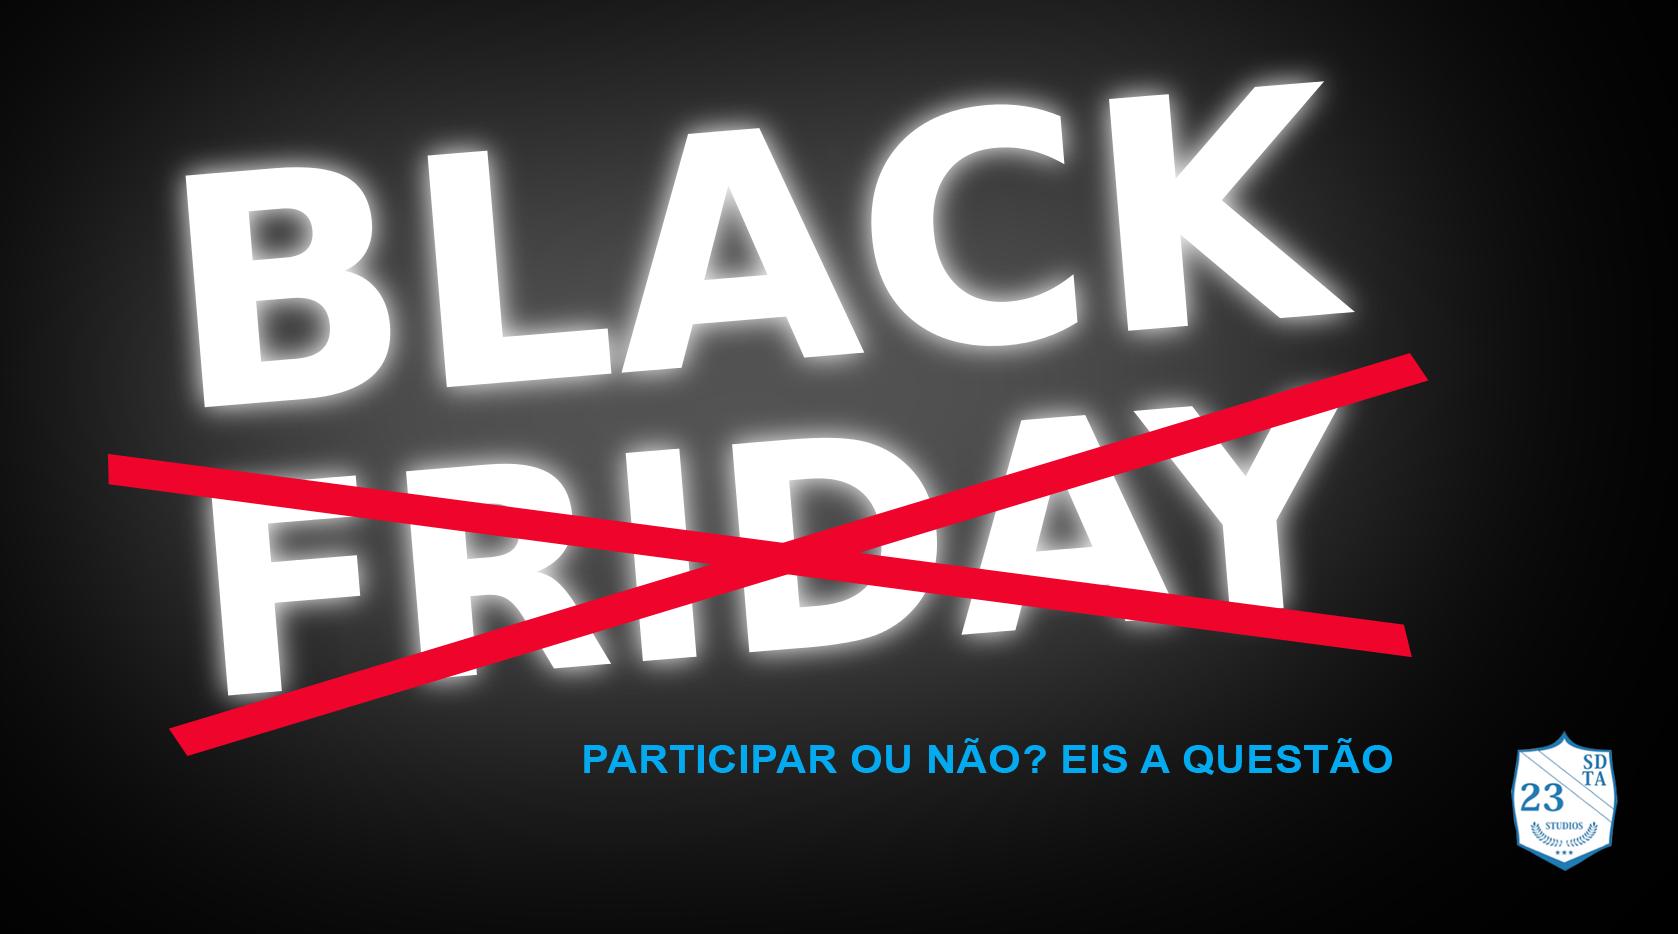 black-friday-artigo-23studios-15-11-2017